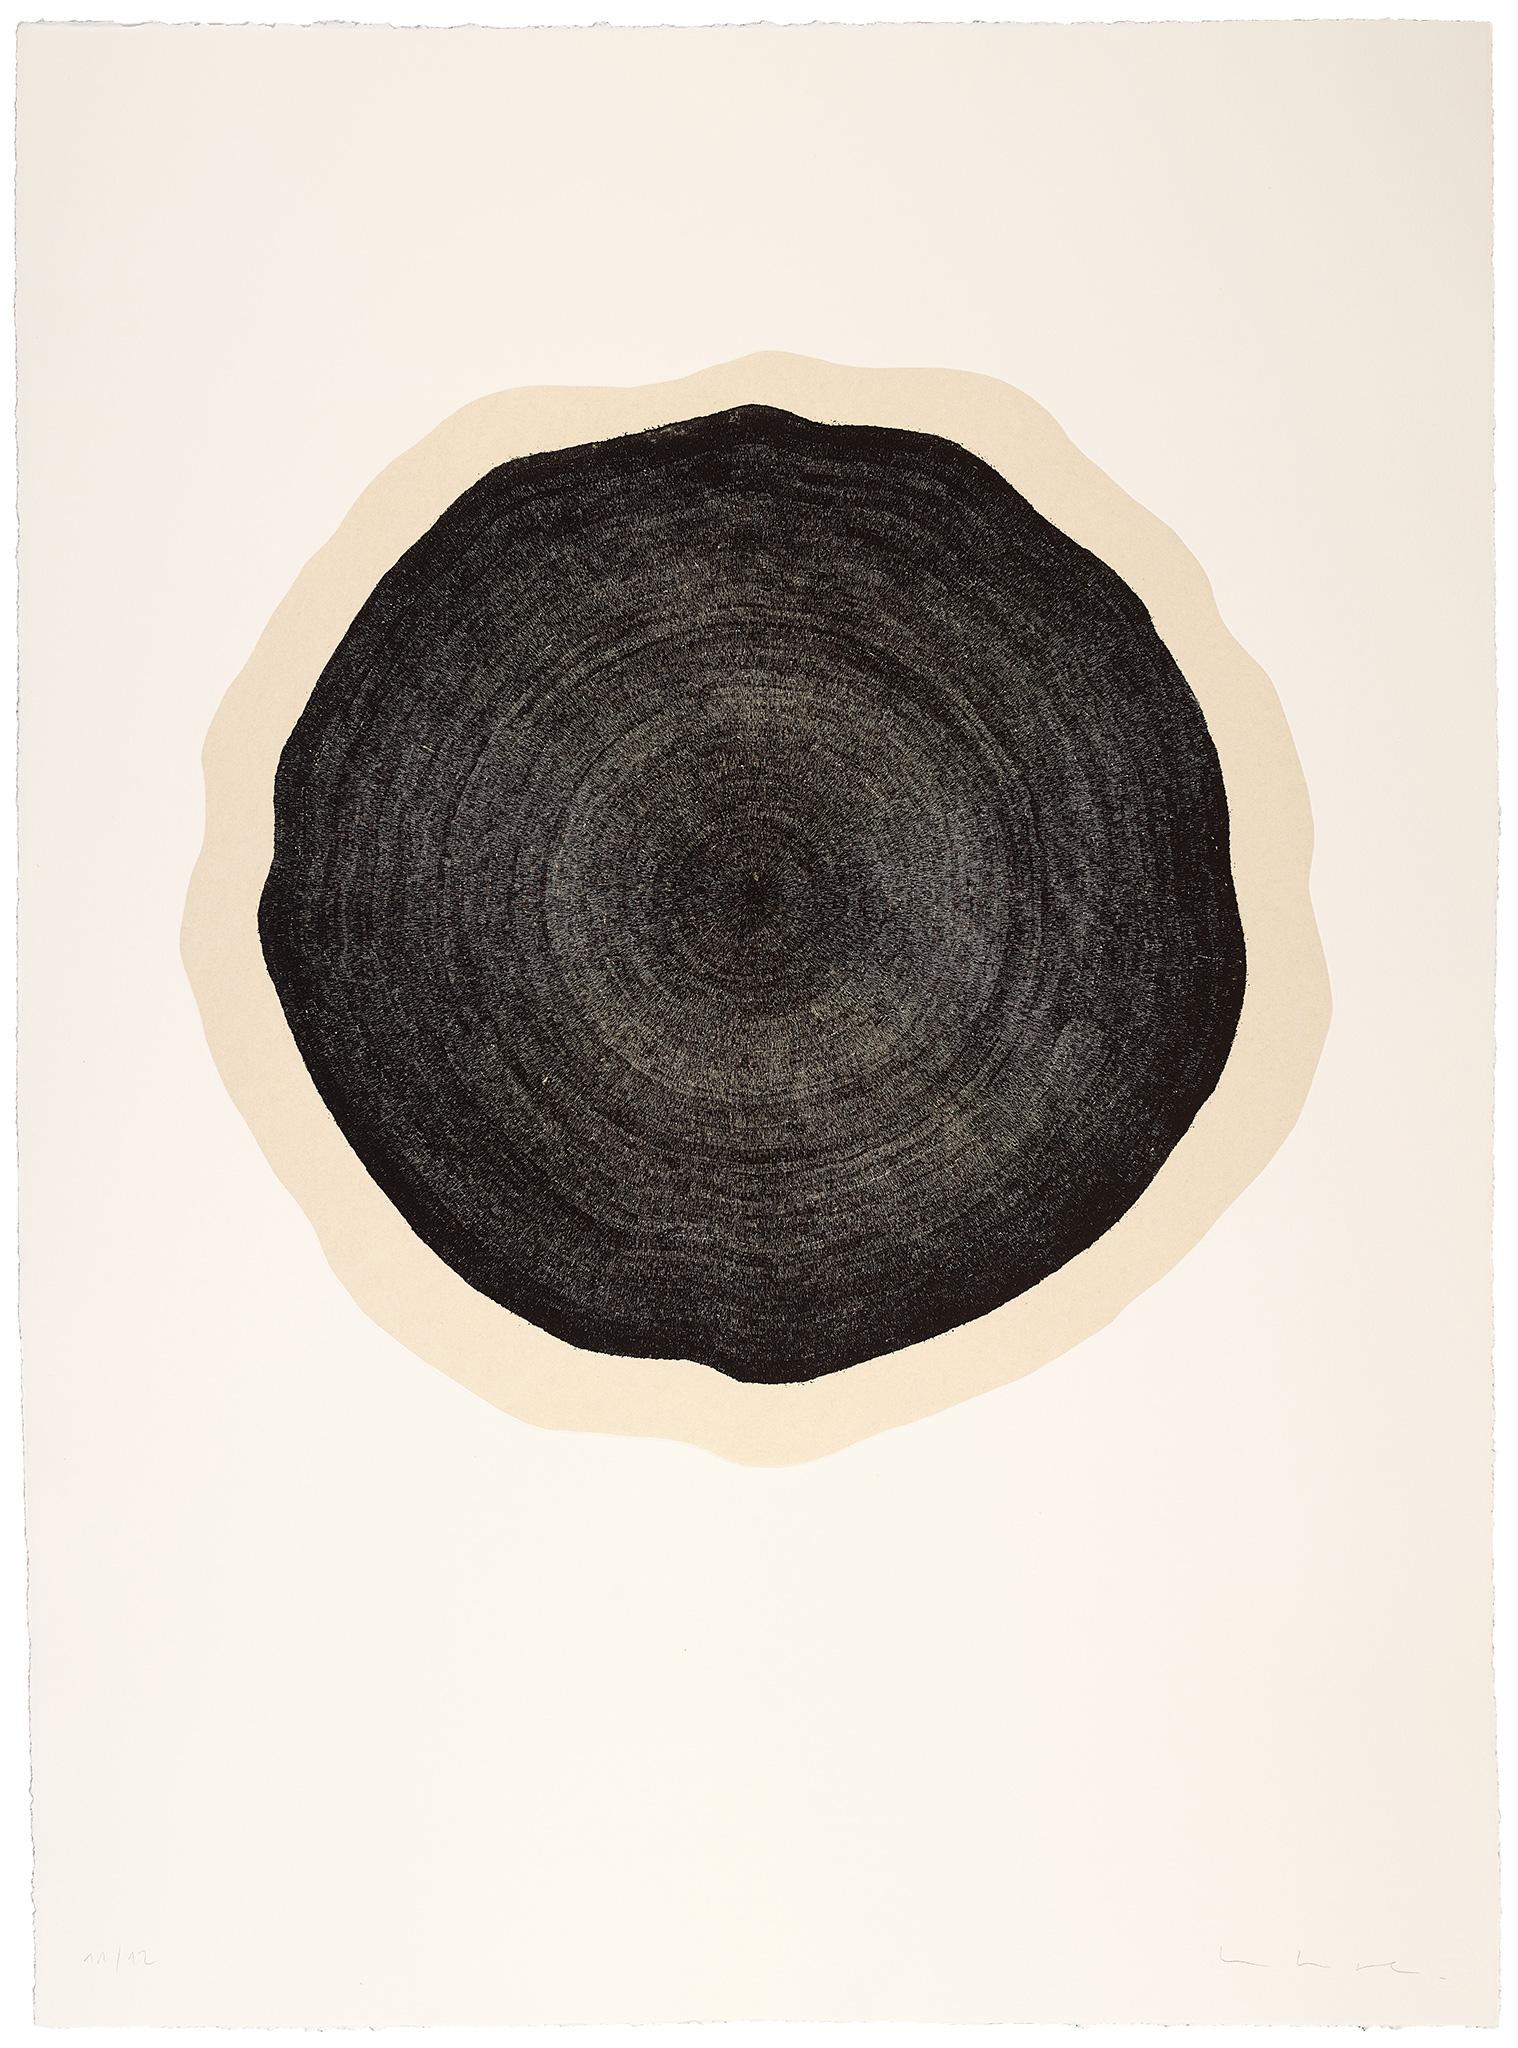 Muriel Moreau  Arbol, série 8, 2017 Eau forte, imprimées sur papier Mingheishi, marouflées sur papier Hahnenmühle 80 x 108 cm